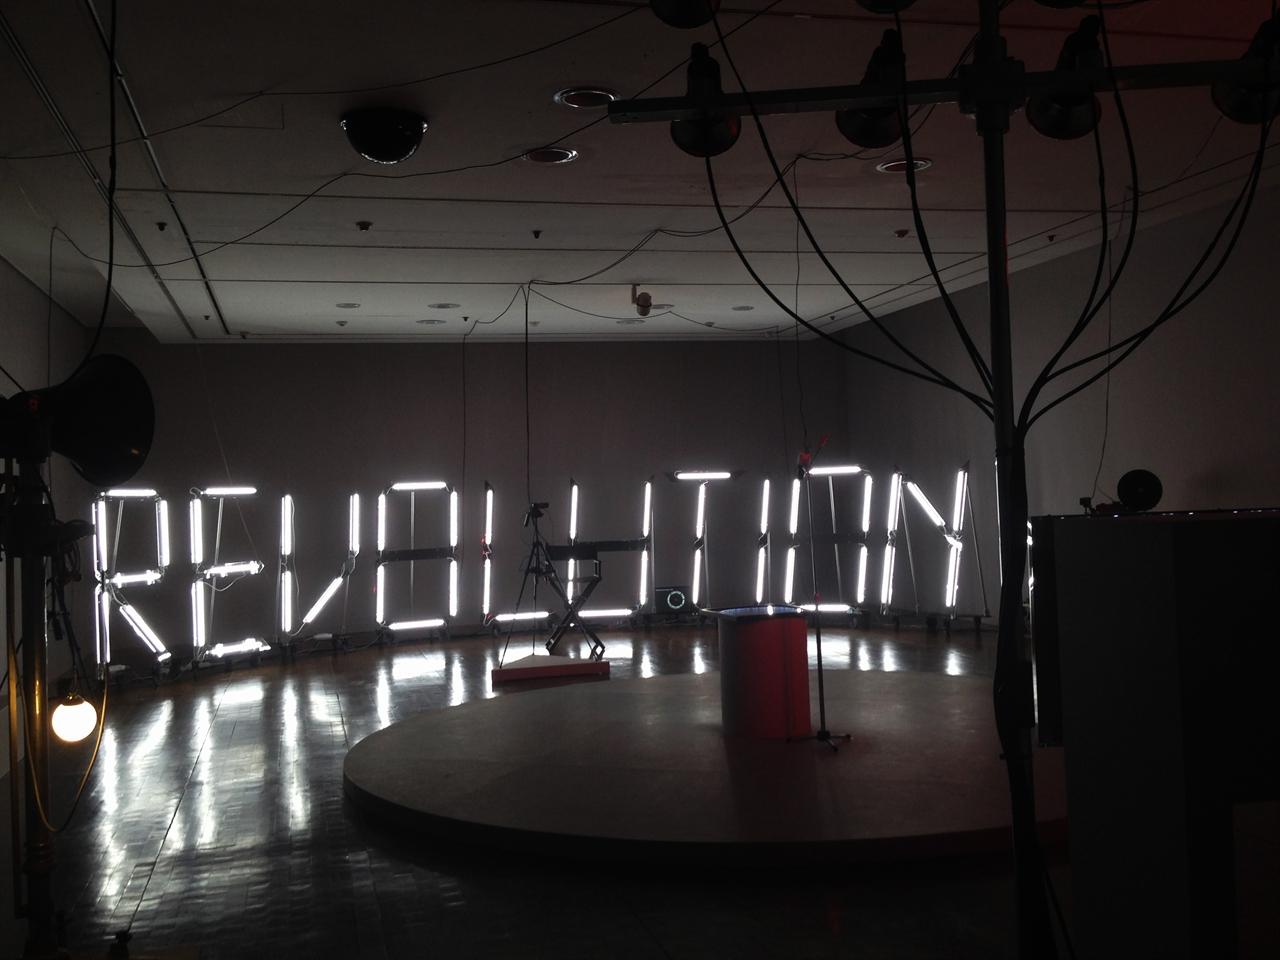 <피스마이너스원>의 일부인 2인 컬렉티브인 방&리의 작품